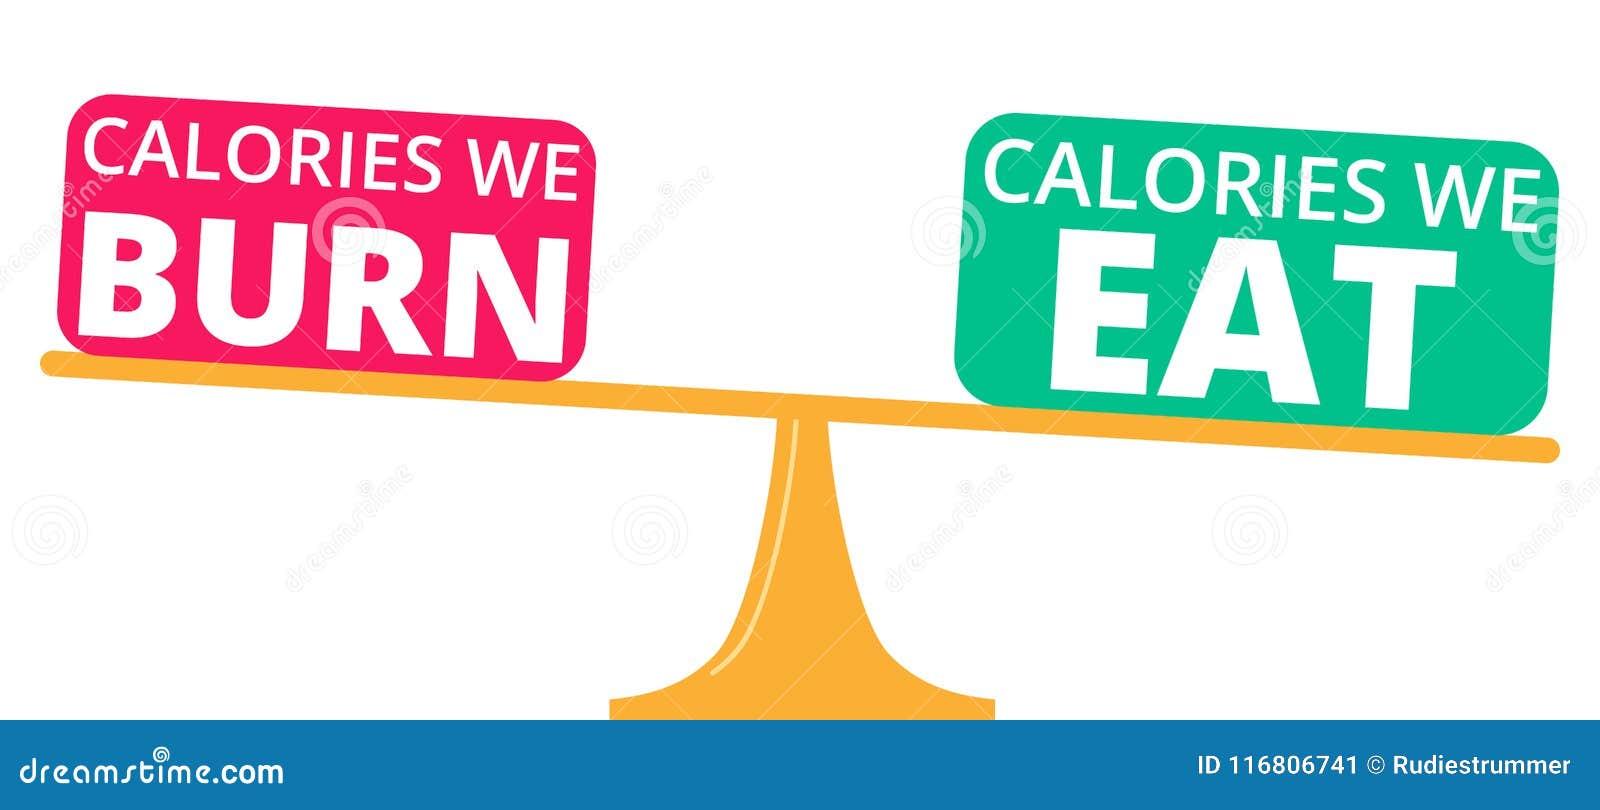 Bilder Silhouetten verfolgen Gewichtsverlust Grafik